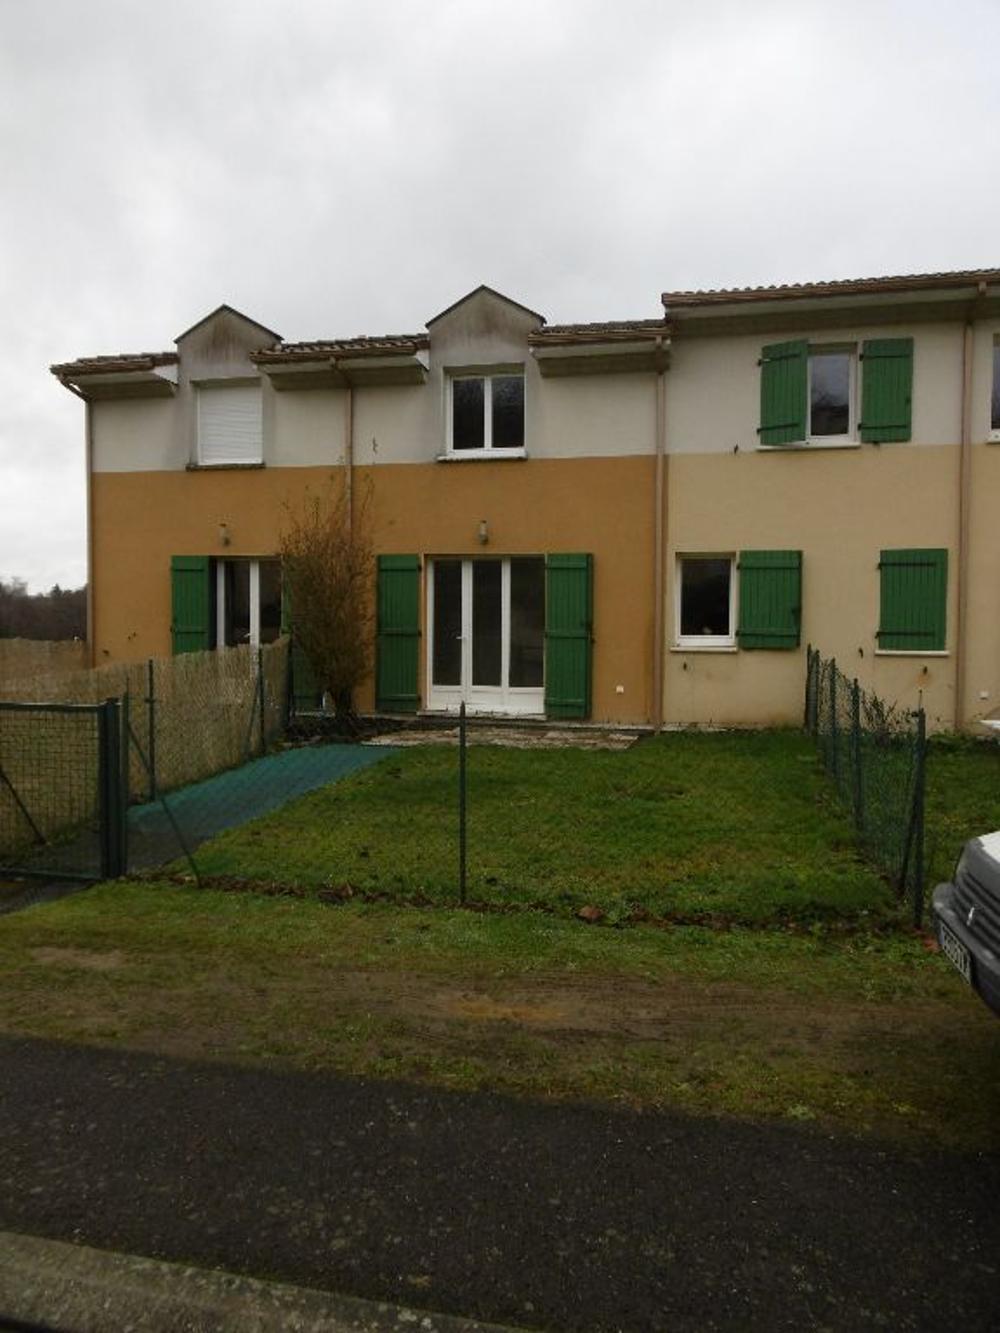 Couzeix Haute-Vienne Apartment Bild 3440760